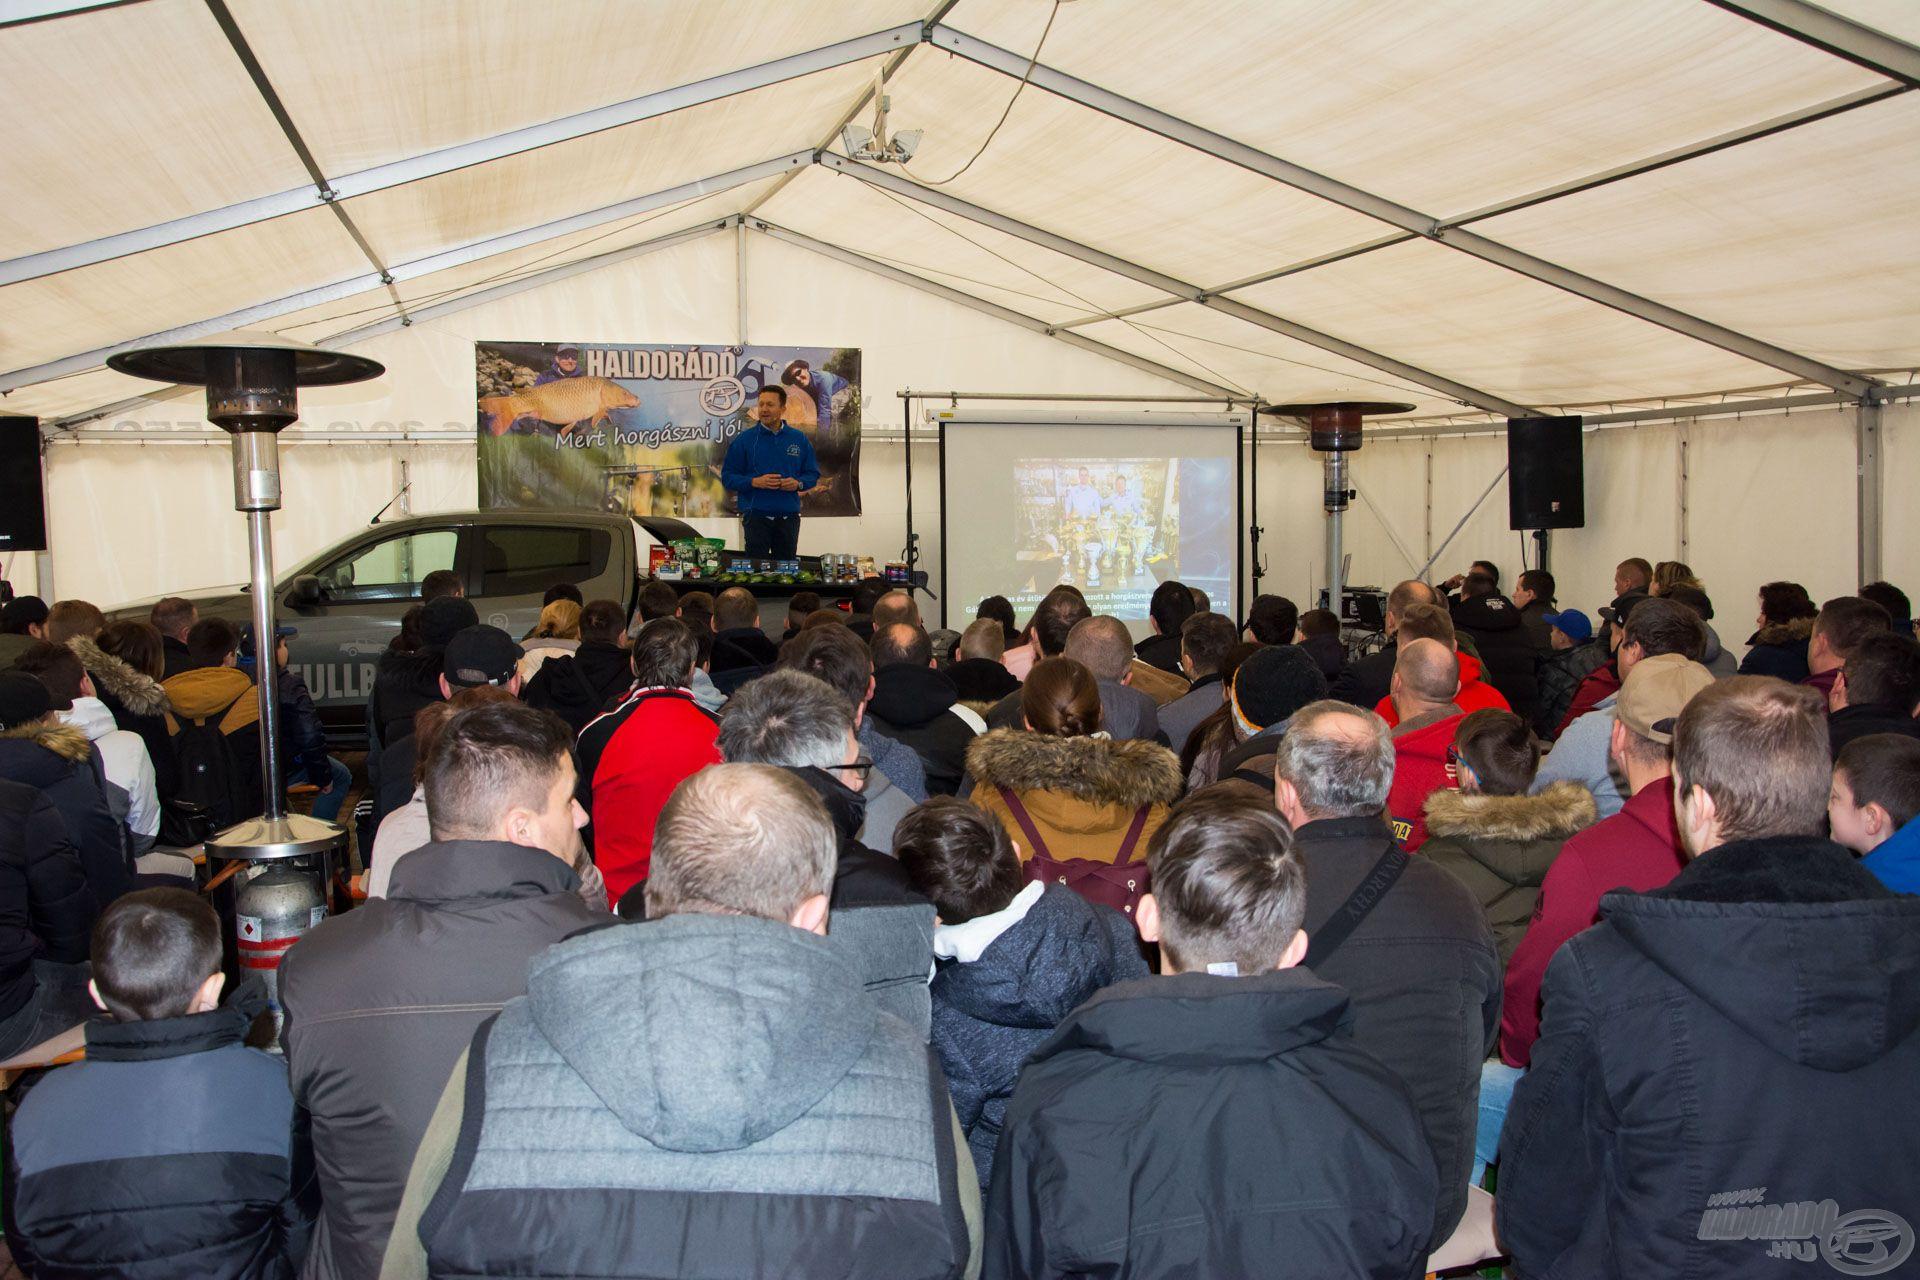 Döme Gábor előadása 9 órakor vette kezdetét a teltházas sátorban